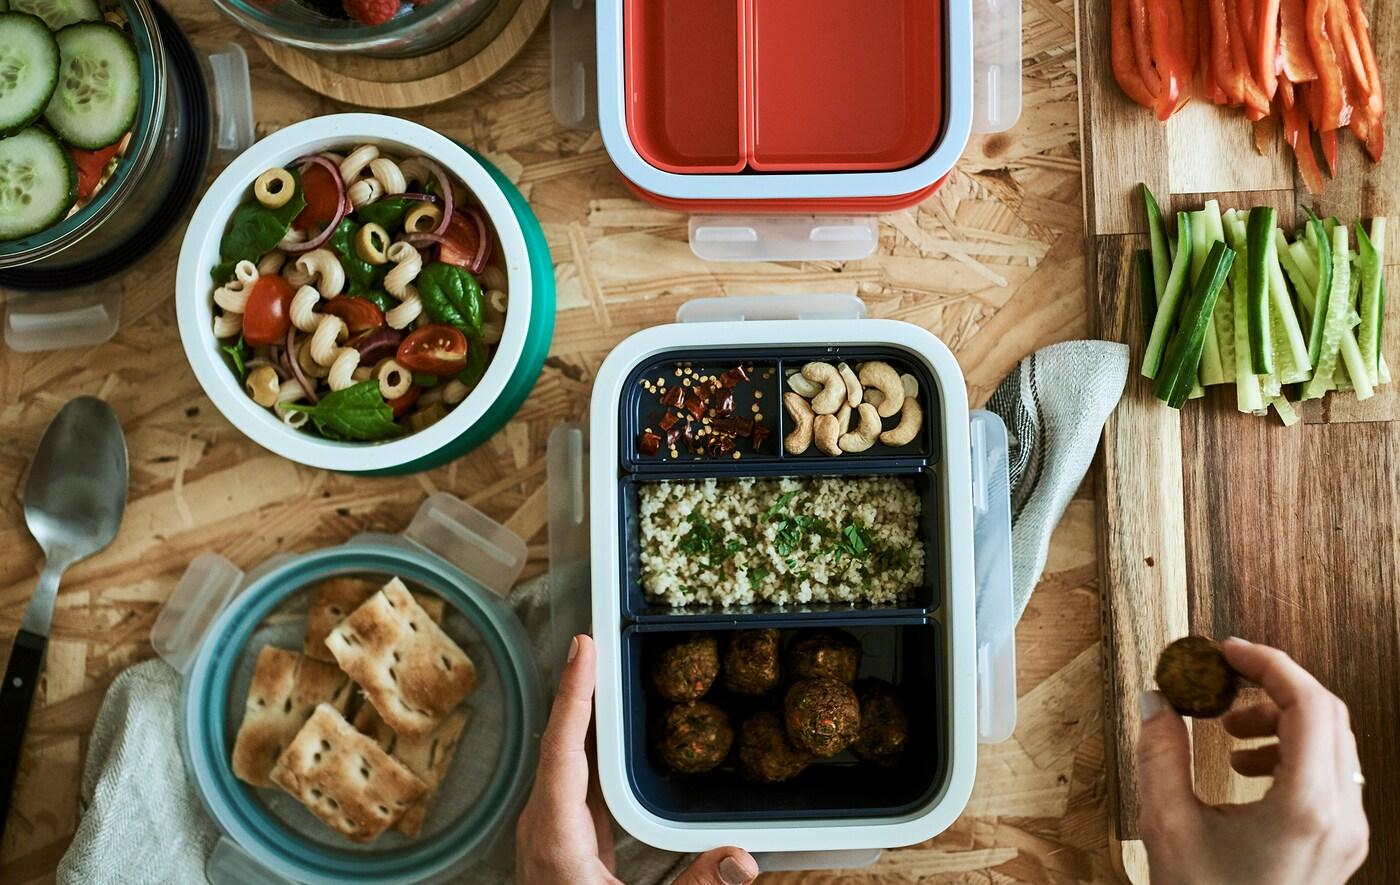 弁当箱に詰められた食べ物。1つには仕切りがあり、それぞれに異なる食べ物が入っています。丸形のプラスチック製タブにはパスタサラダが入っています。